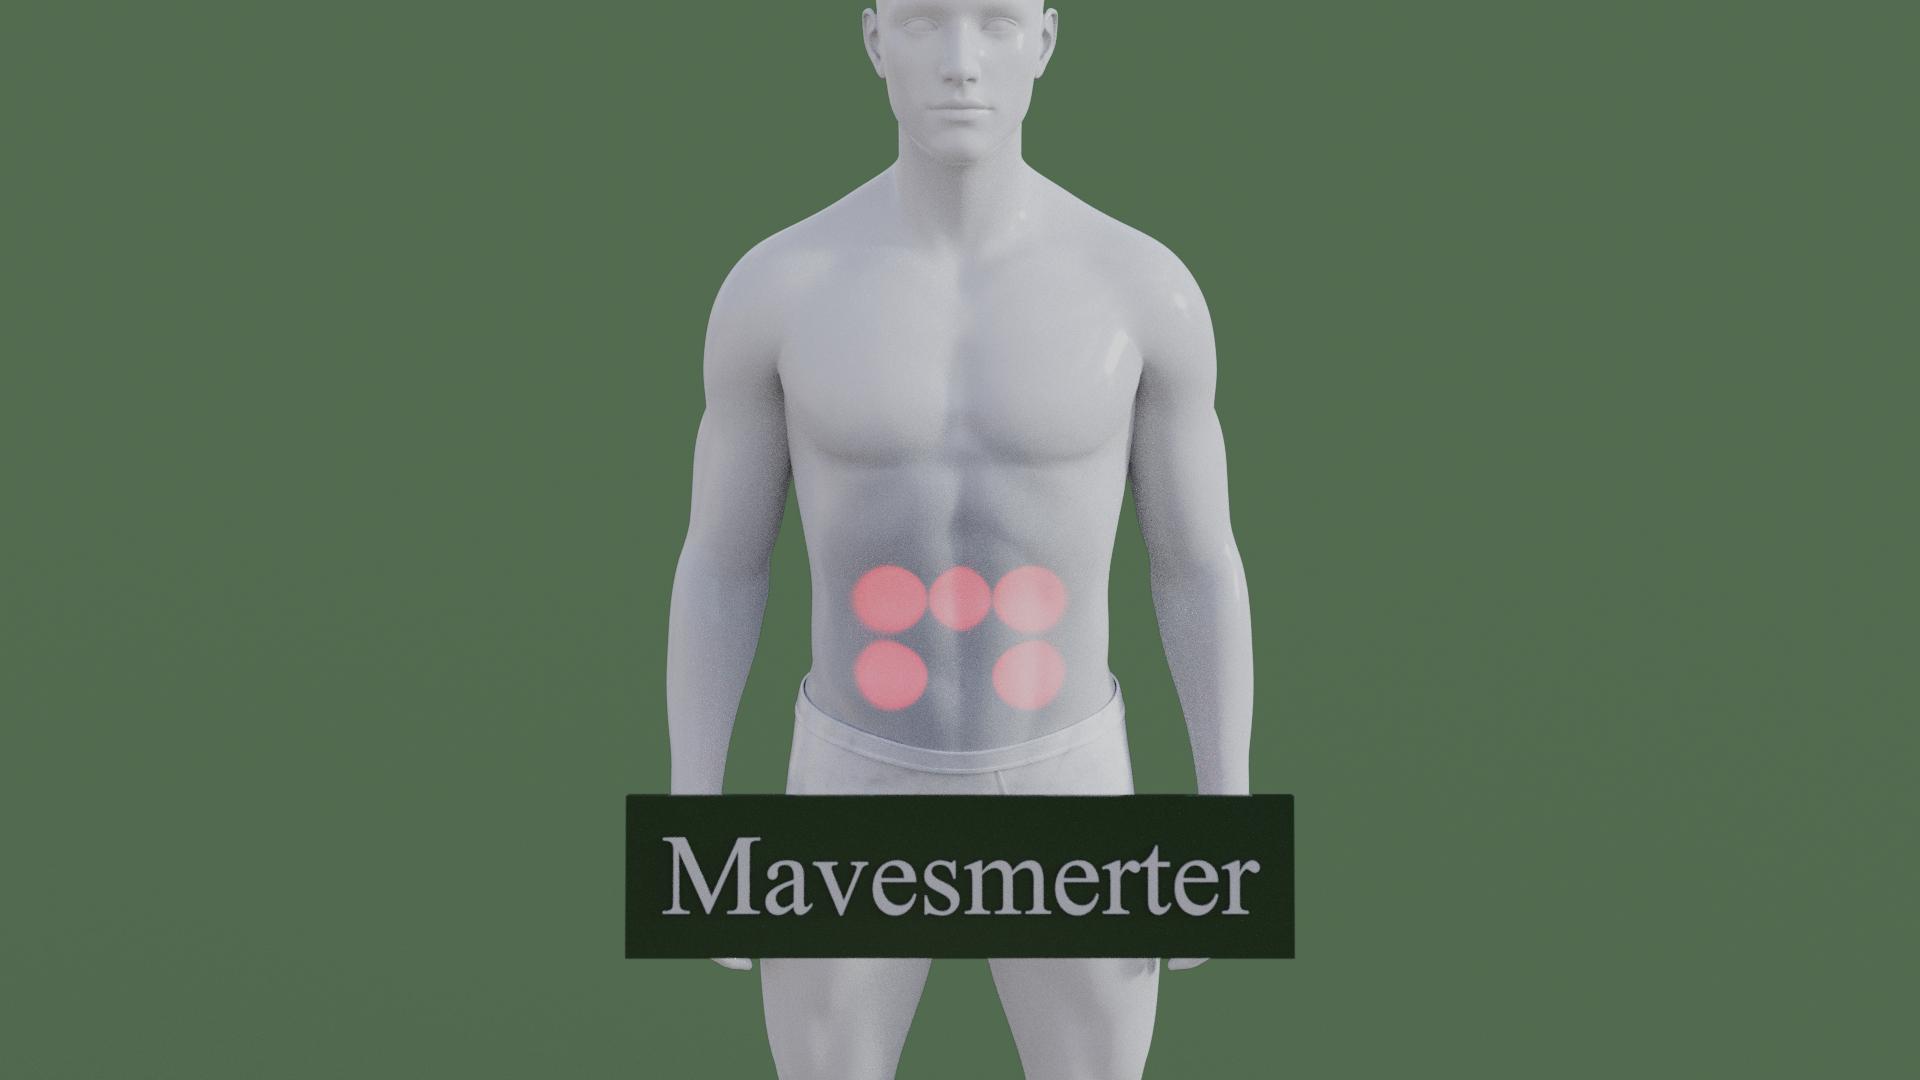 Billedet viser en 3D figur med smerter i maven. Den røde farve på maven symboliserer smerterne.